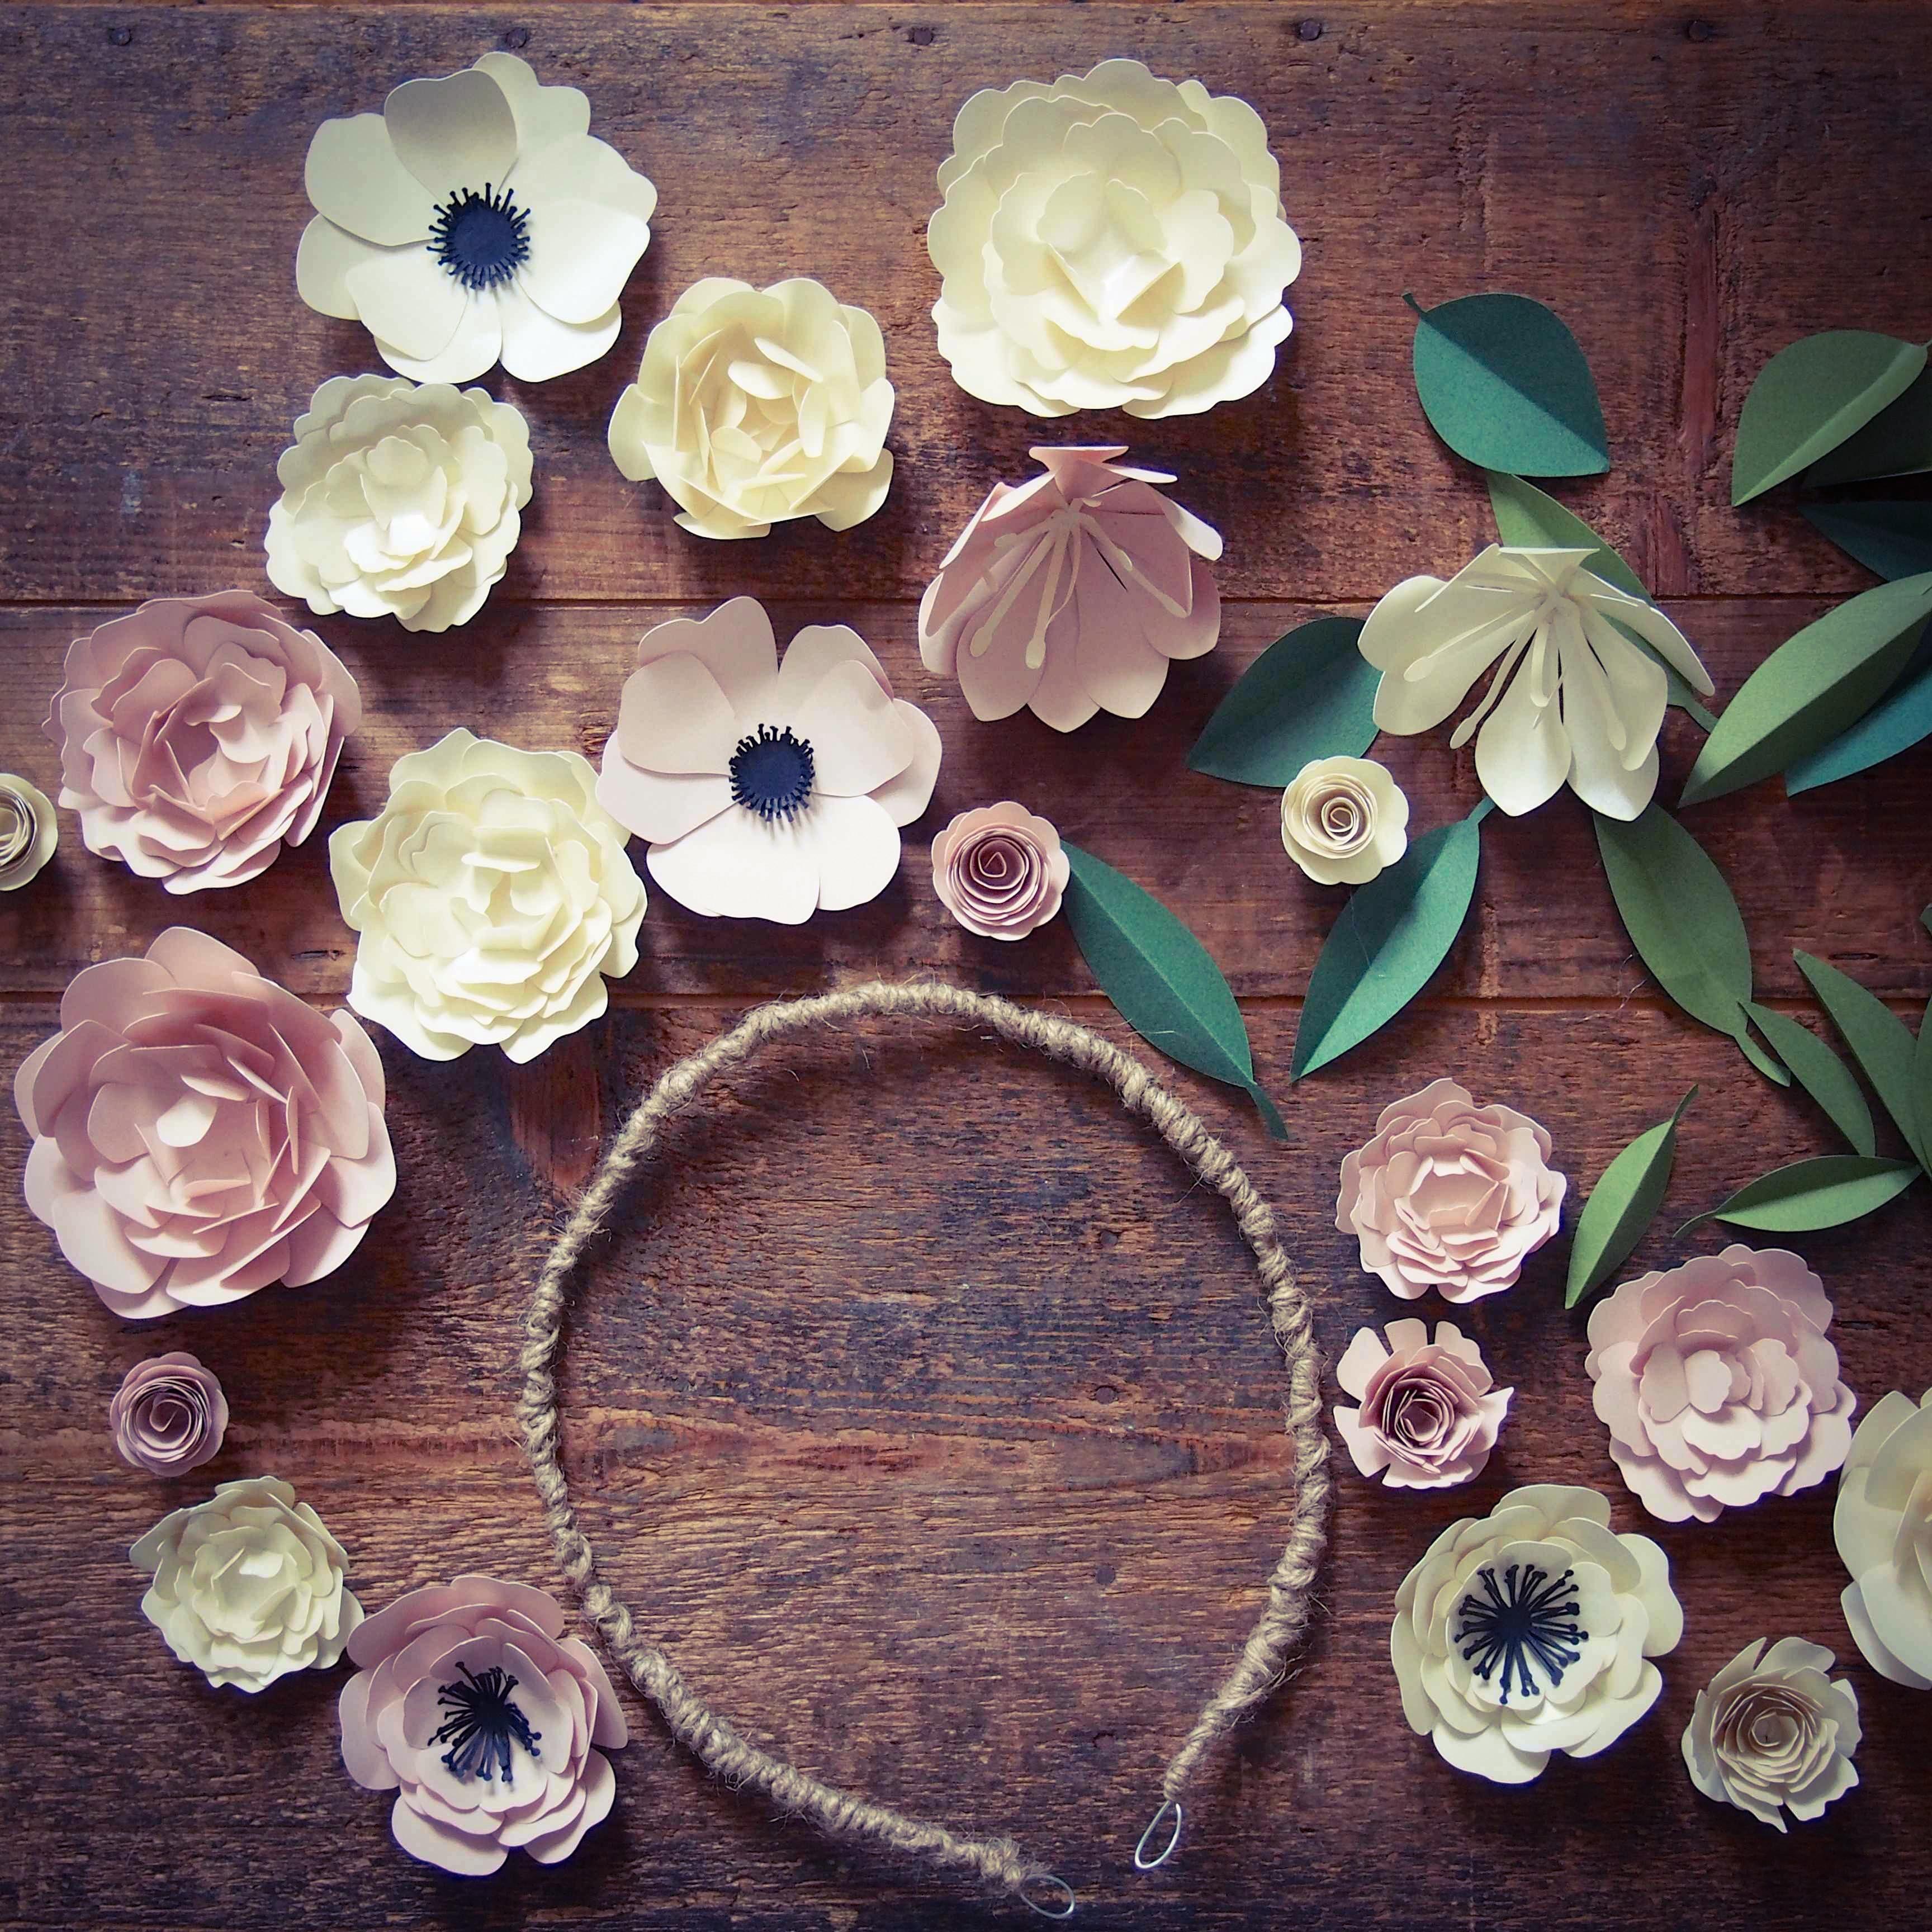 Ma couronne de fleurs rose caramelle carnet d 39 inspiration - Fleuriste couronne de fleurs ...